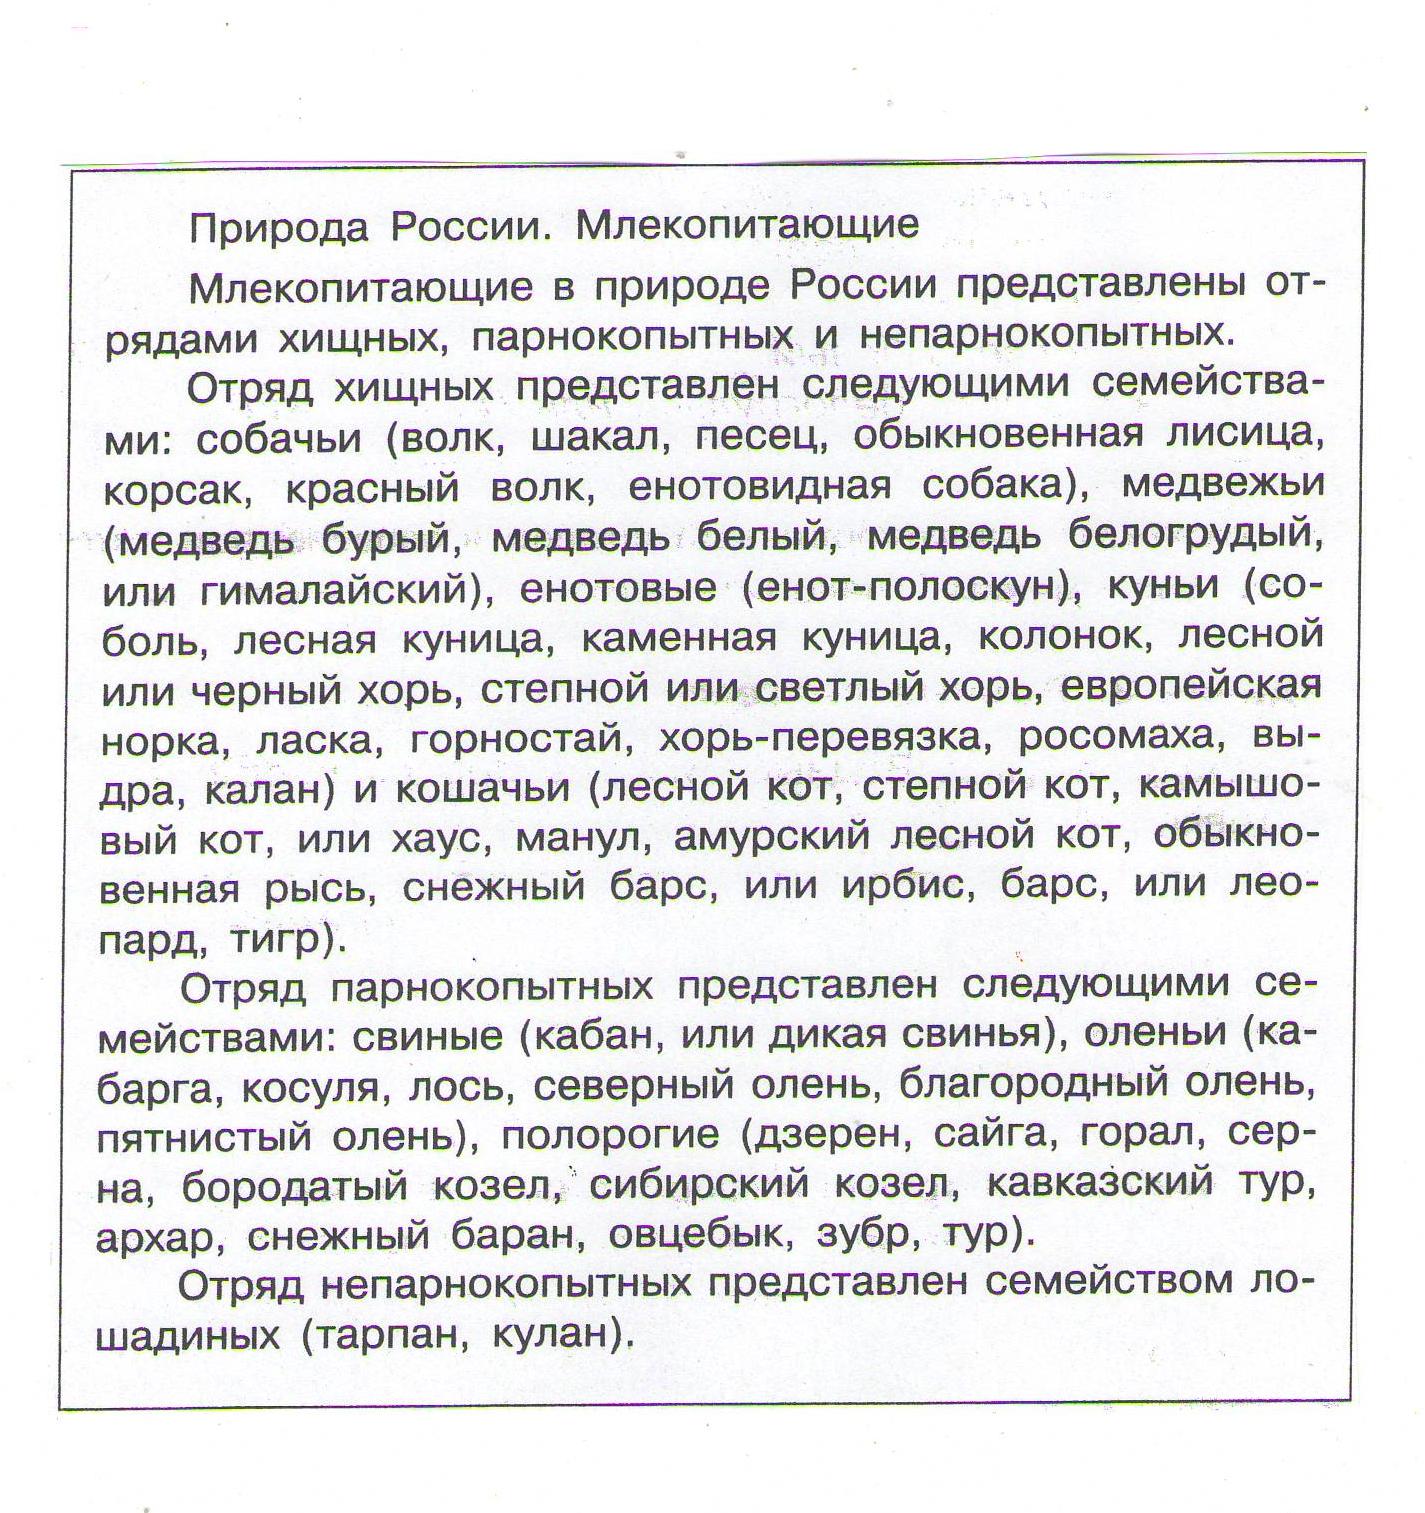 Воспользуйтесь текстом учебника а также справочниками и энциклопедиями и подберите каждой дате